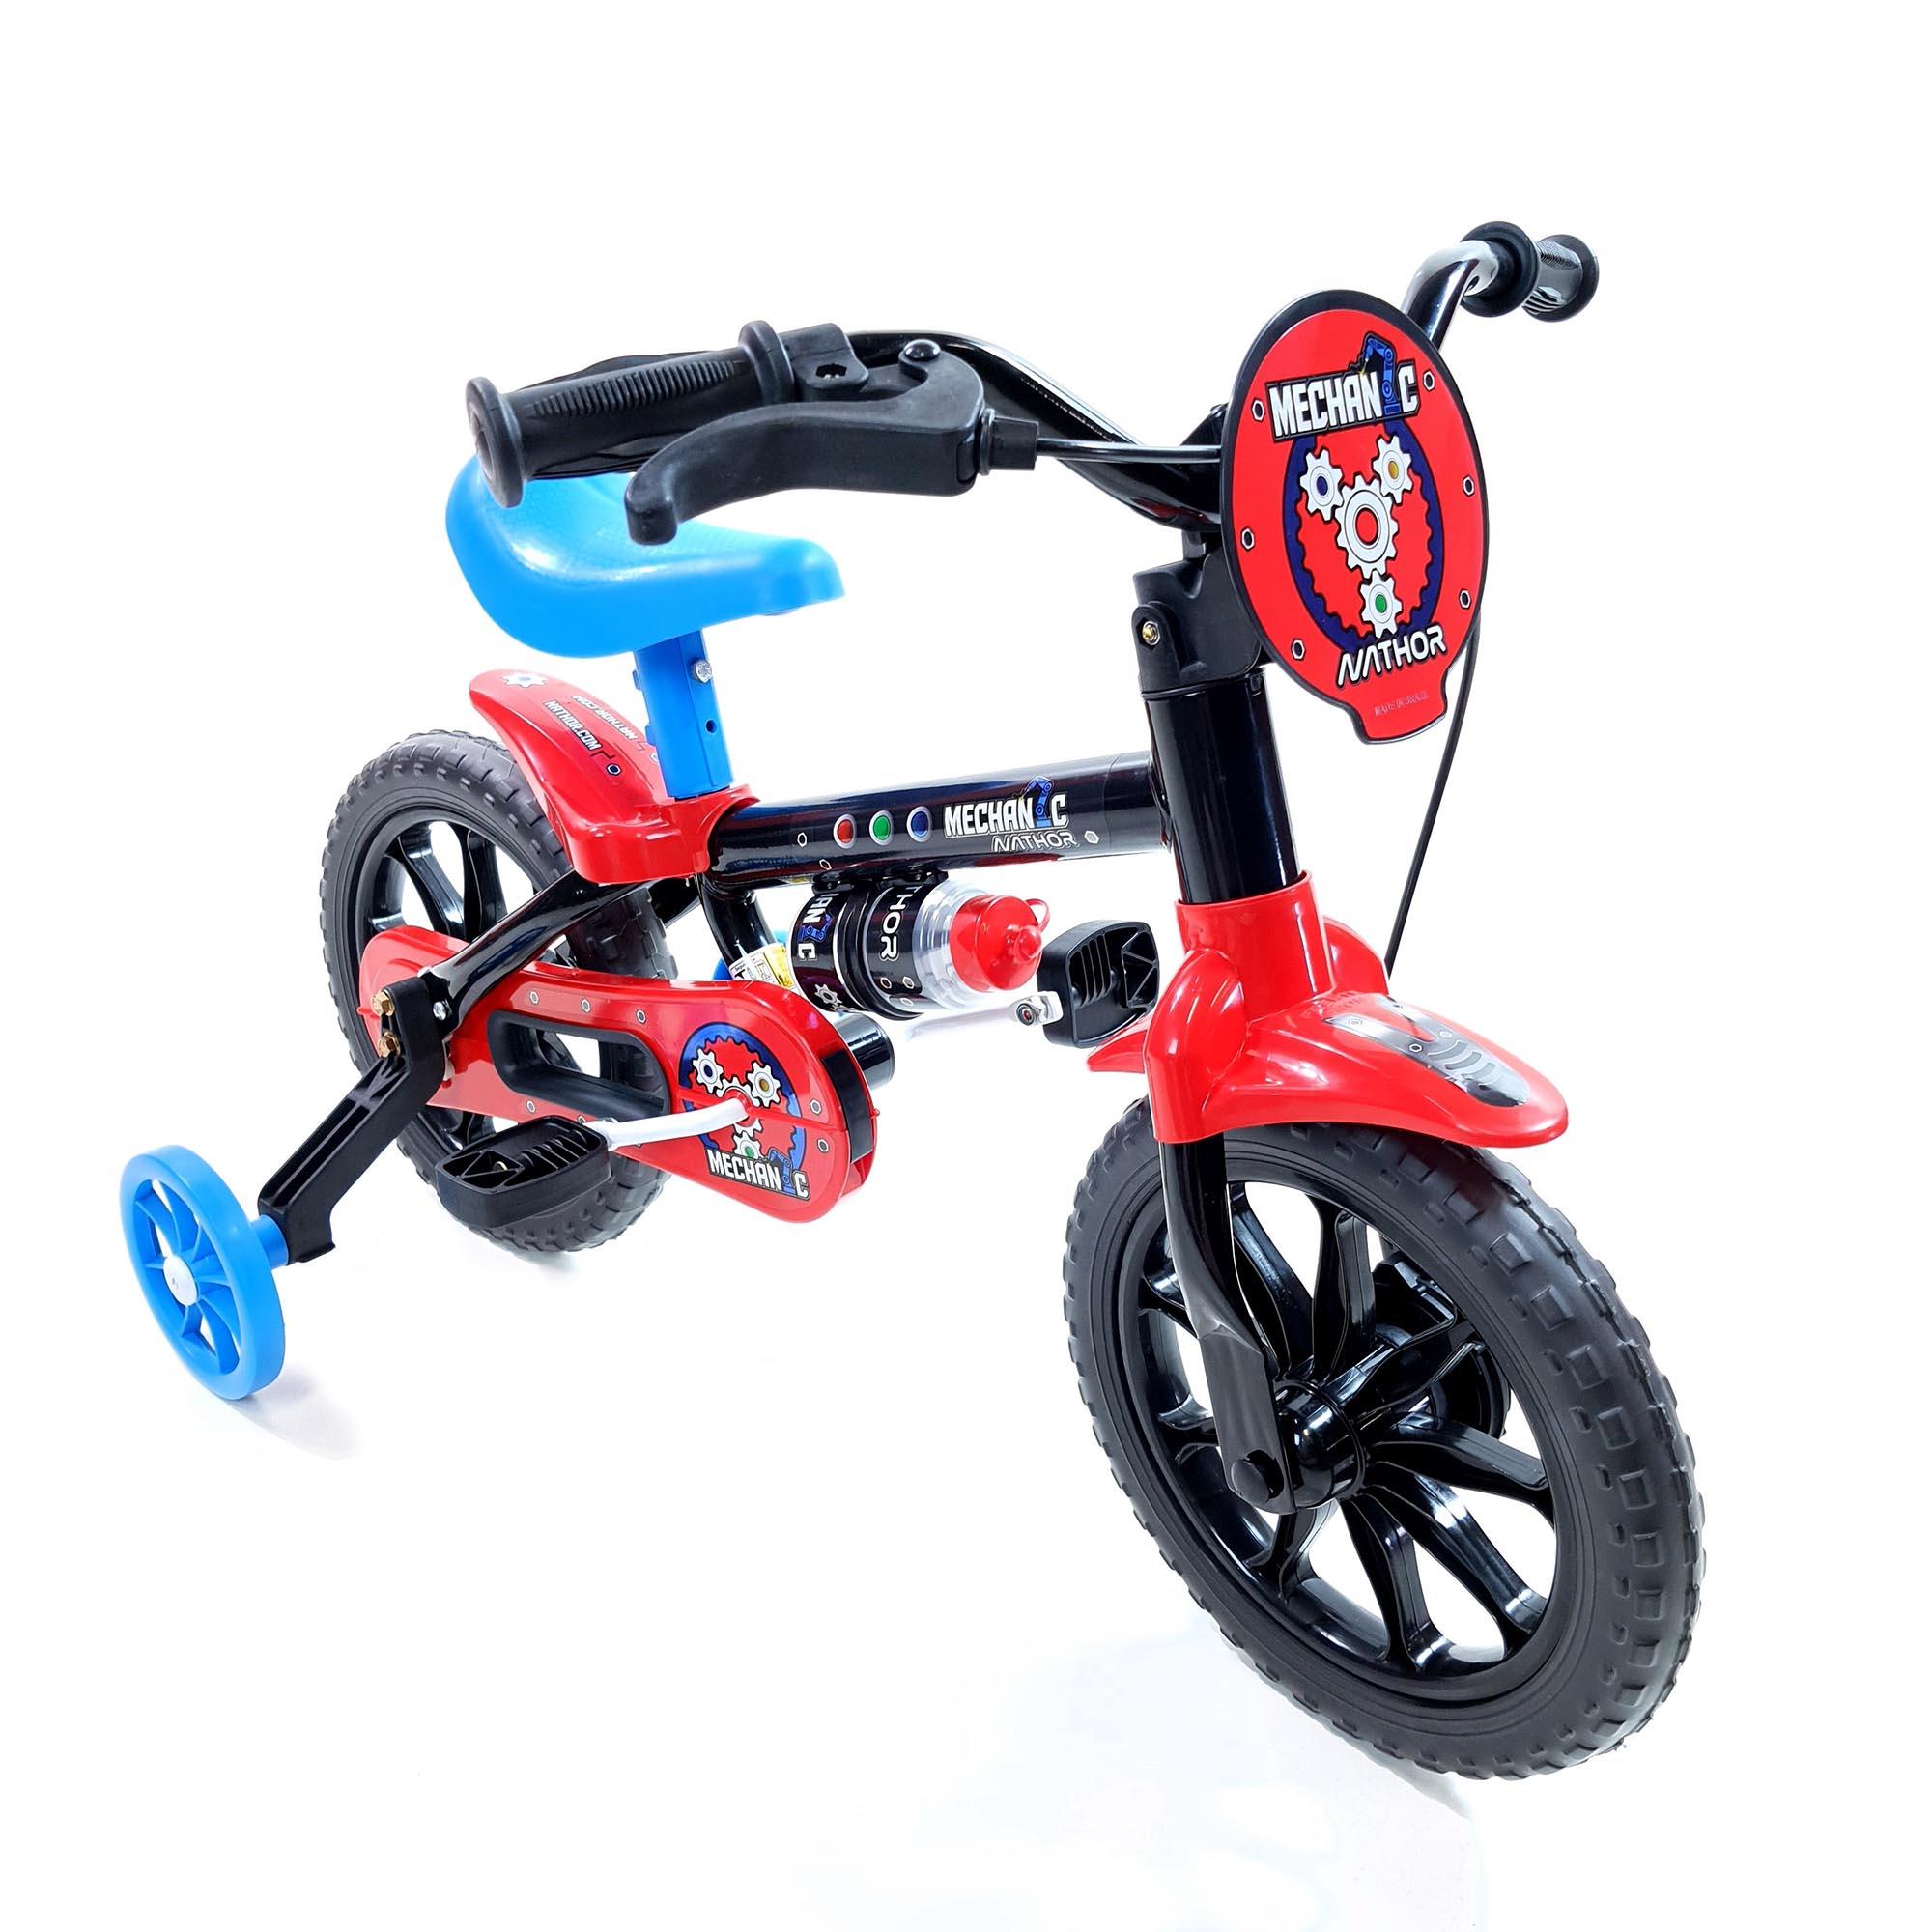 Bicicleta Nathor Infantil Aro 12 Masculino Mechanic Preto_Azul_Vermelho